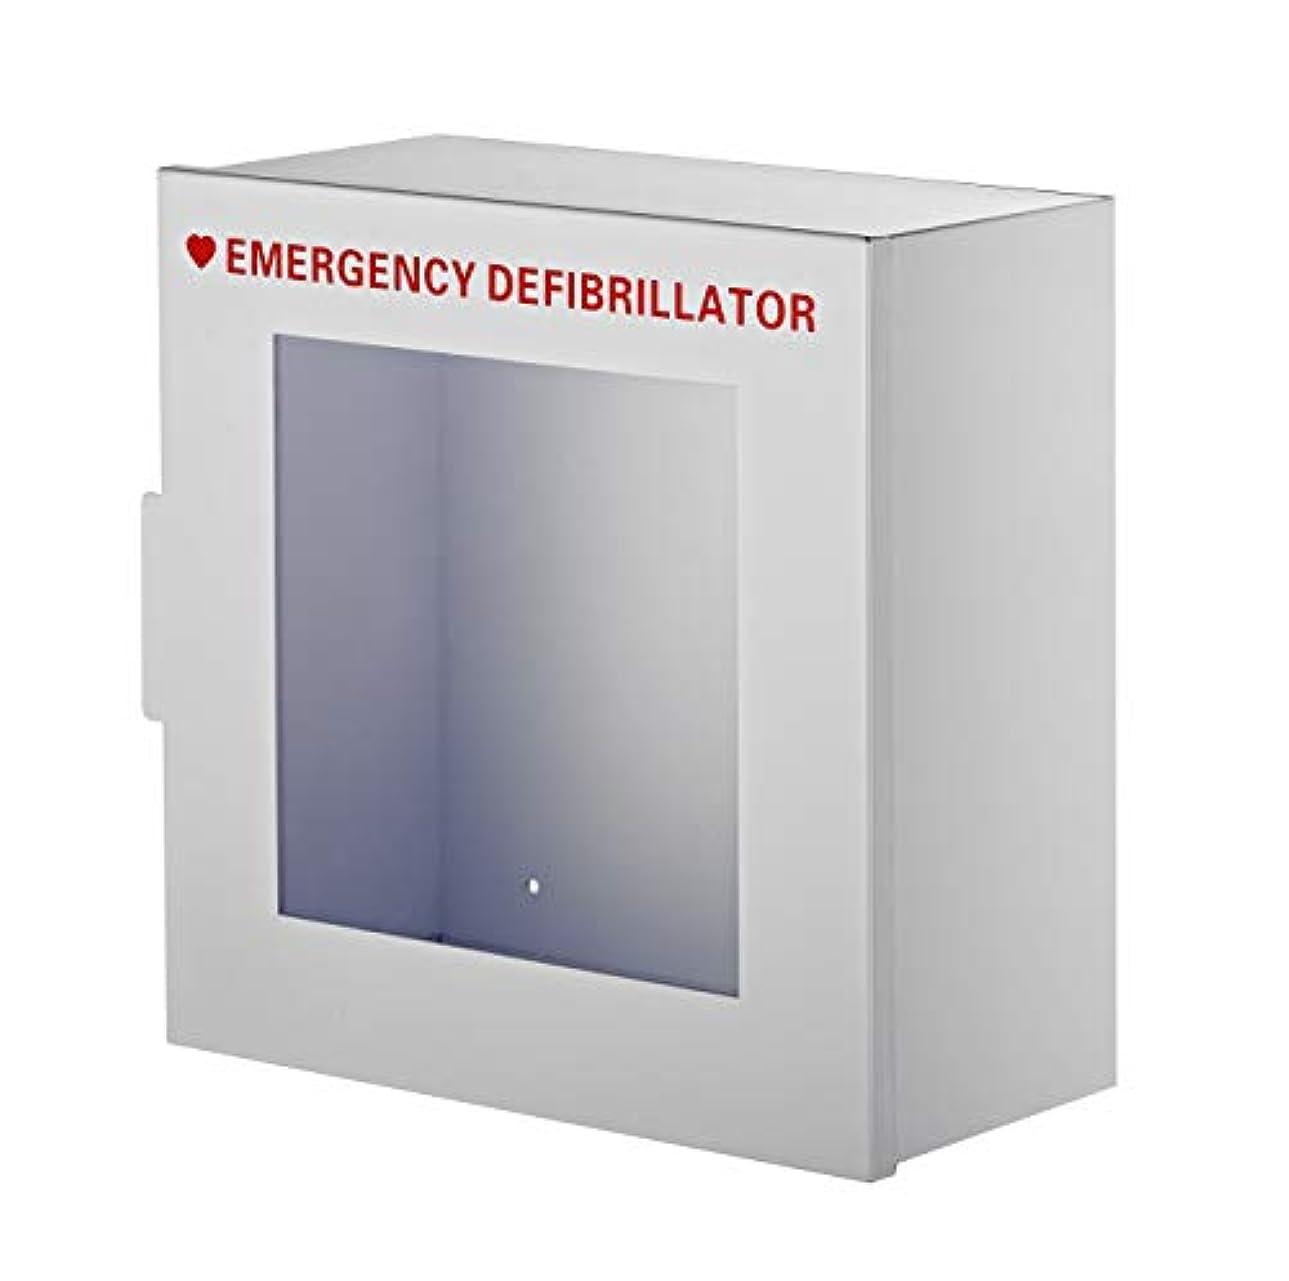 辞任するパンフレット逆説AdirMed 非アラームスチールキャビネットディファイブリレーター 幅15インチ x 高さ15インチ x 7インチ 標準壁取り付けエンクロージャー ホーム&オフィス用緊急事態収納